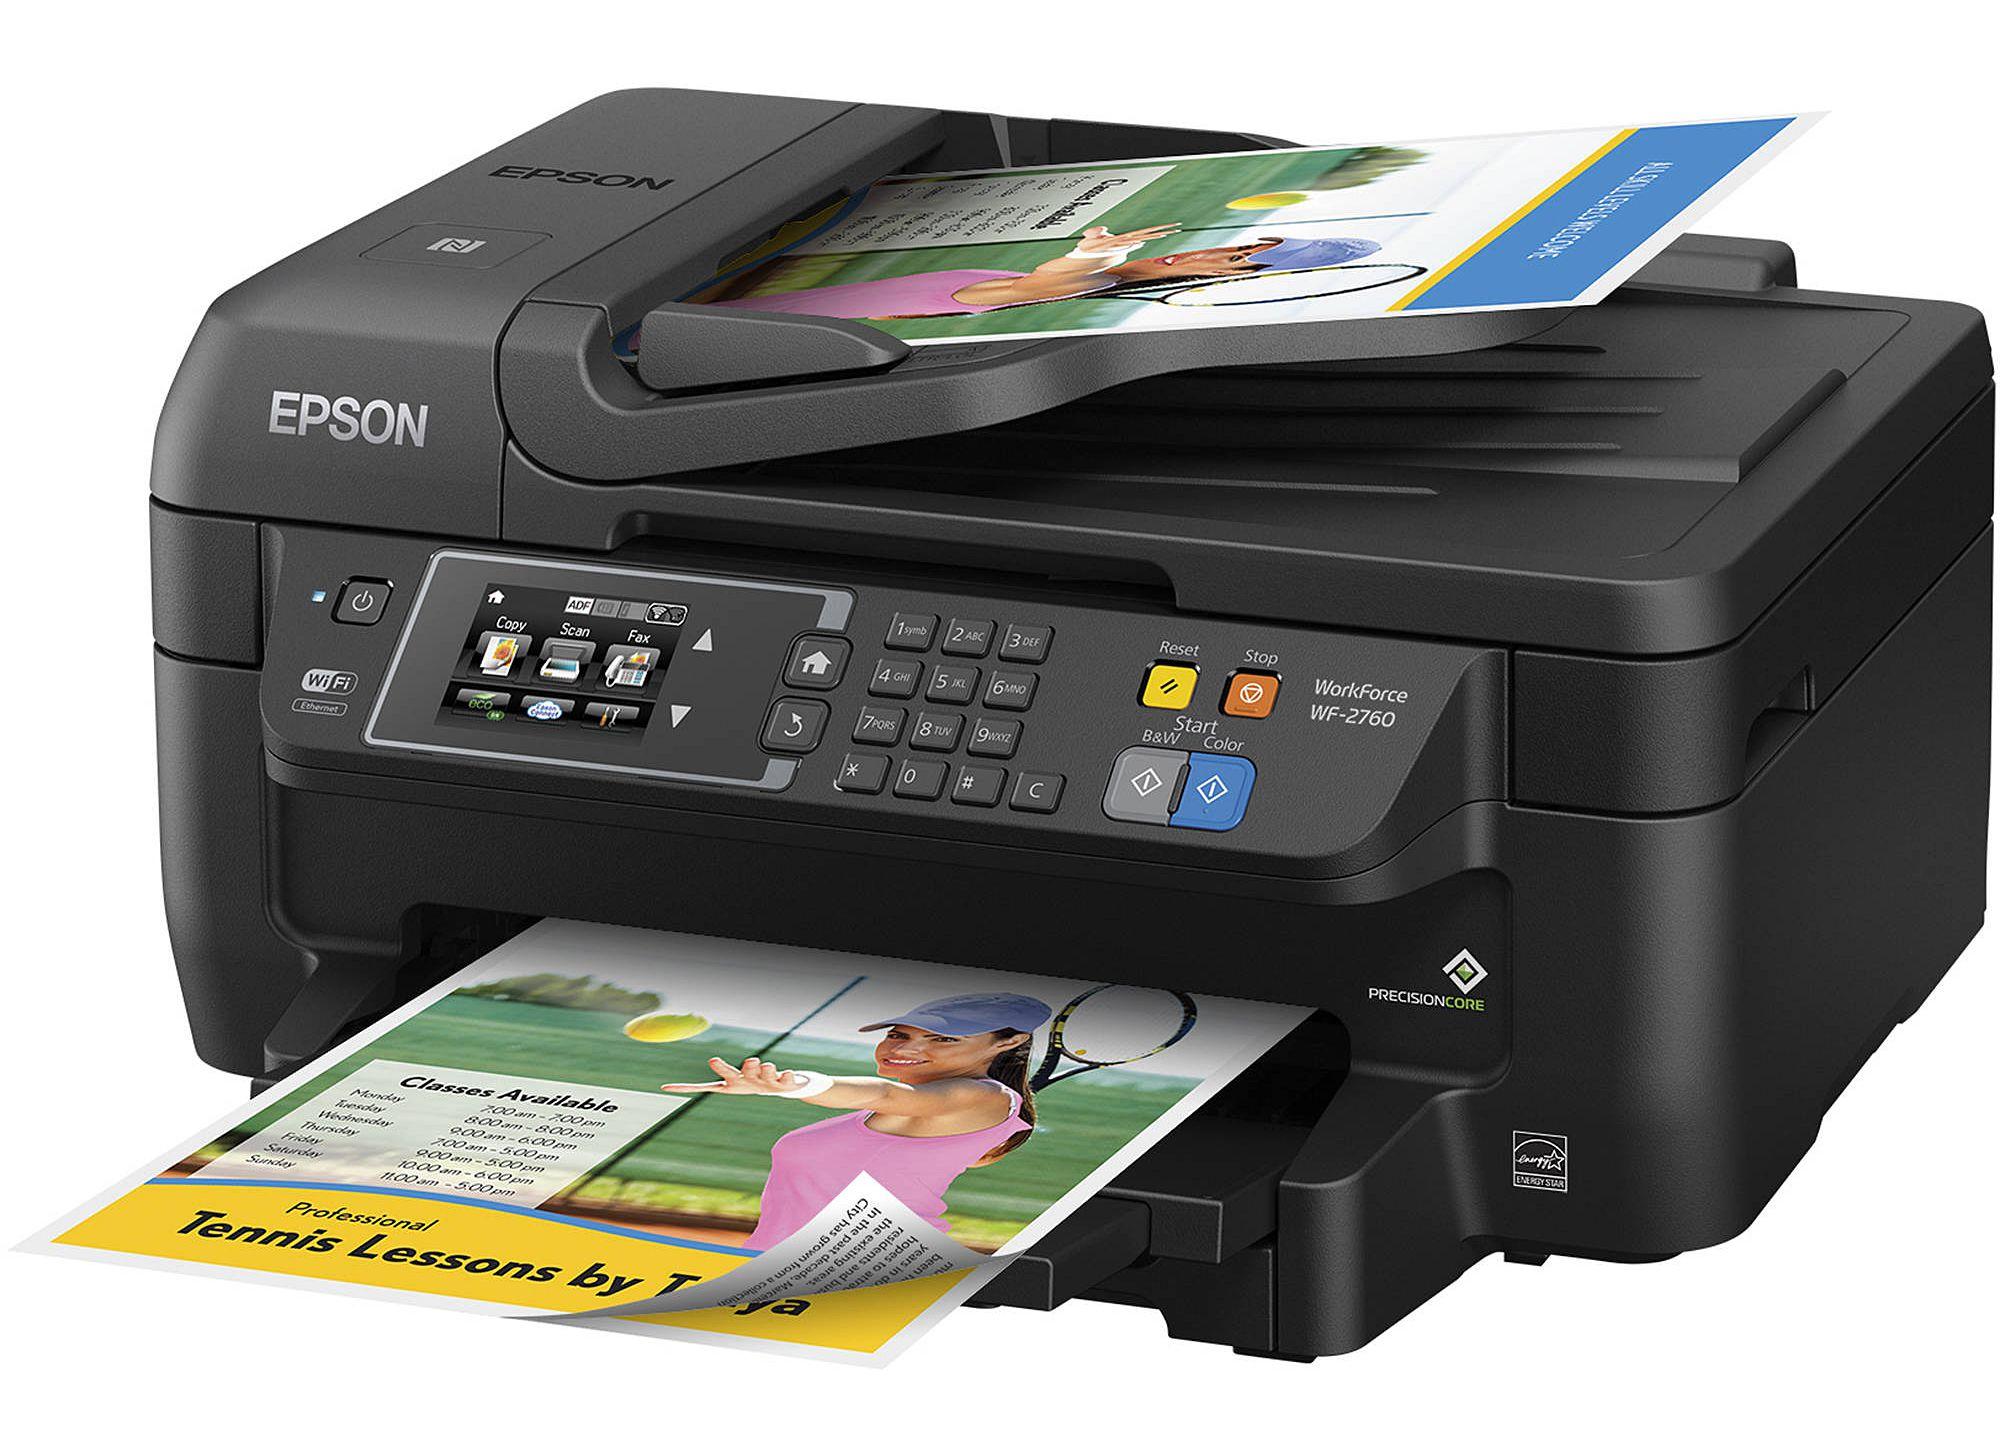 Great s Canons Pixma MP All in e Printer